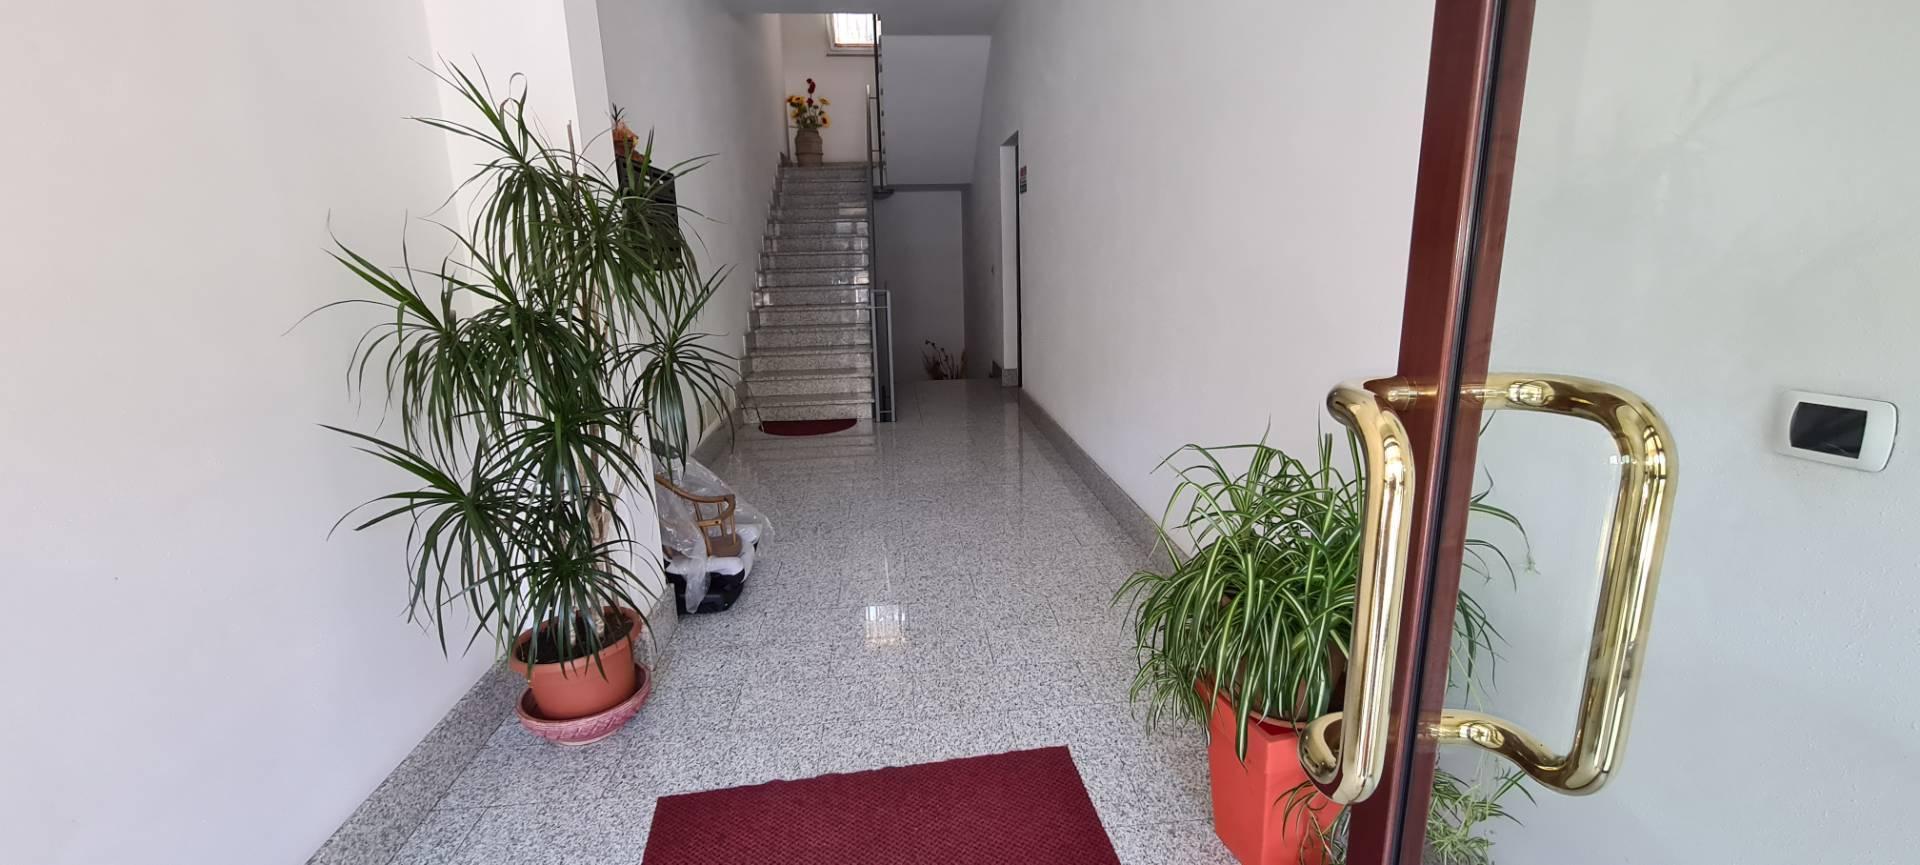 Appartamento in affitto a San Colombano Certenoli, 2 locali, zona Zona: Calvari, prezzo € 270   CambioCasa.it